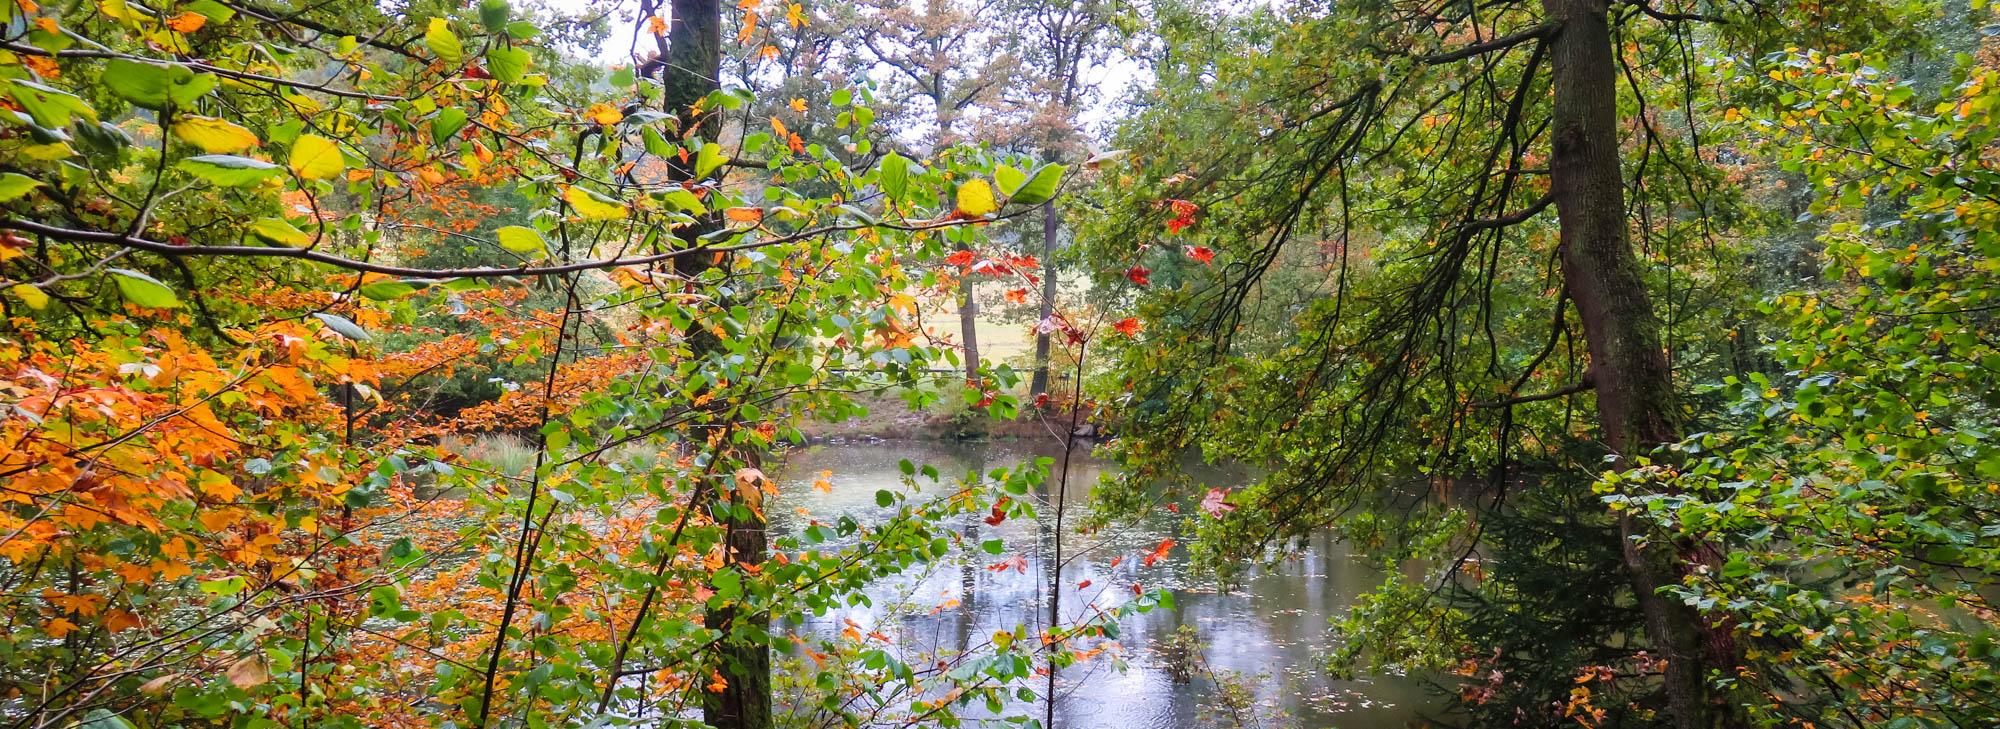 Wald im Herbst Wanderung